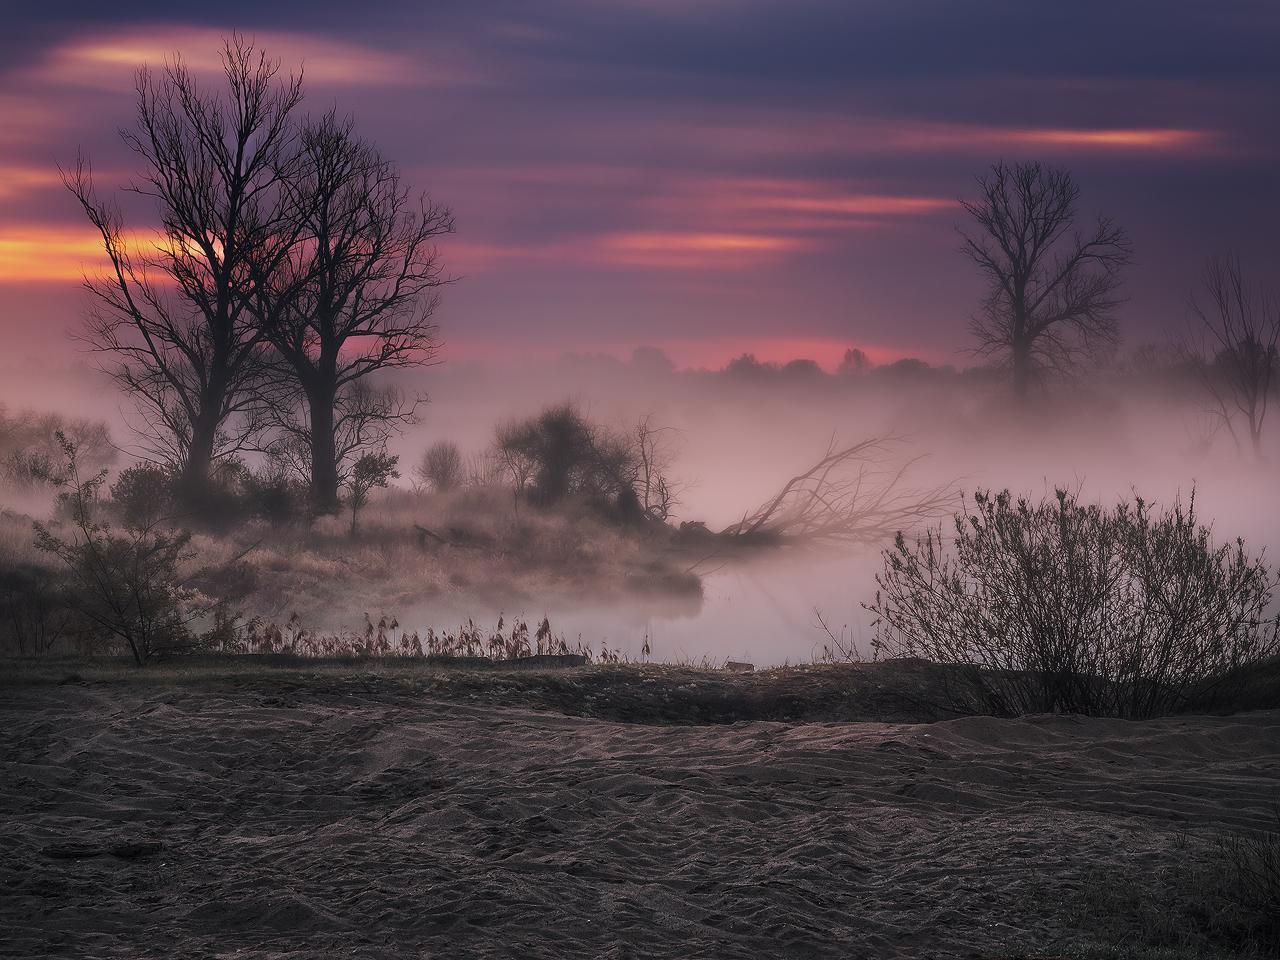 Kliknij obrazek, aby uzyskać większą wersję  Nazwa:krajobraz01.JPG Wyświetleń:244 Rozmiar:972,2 KB ID:224792